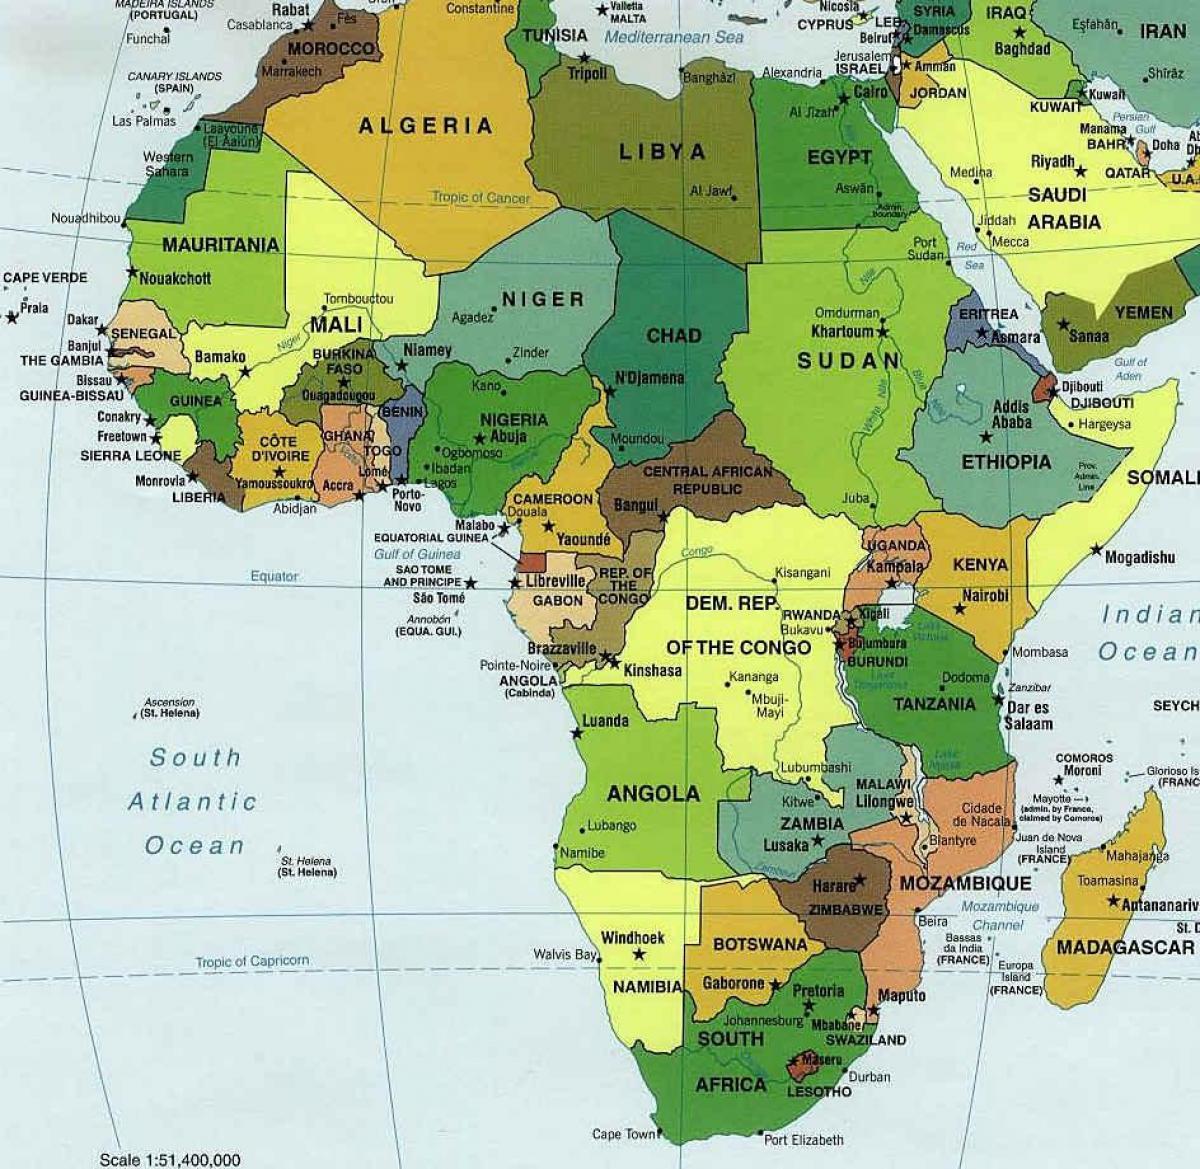 Sambia Etela Afrikka Kartta Kartta Sambia Etela Afrikka Ita